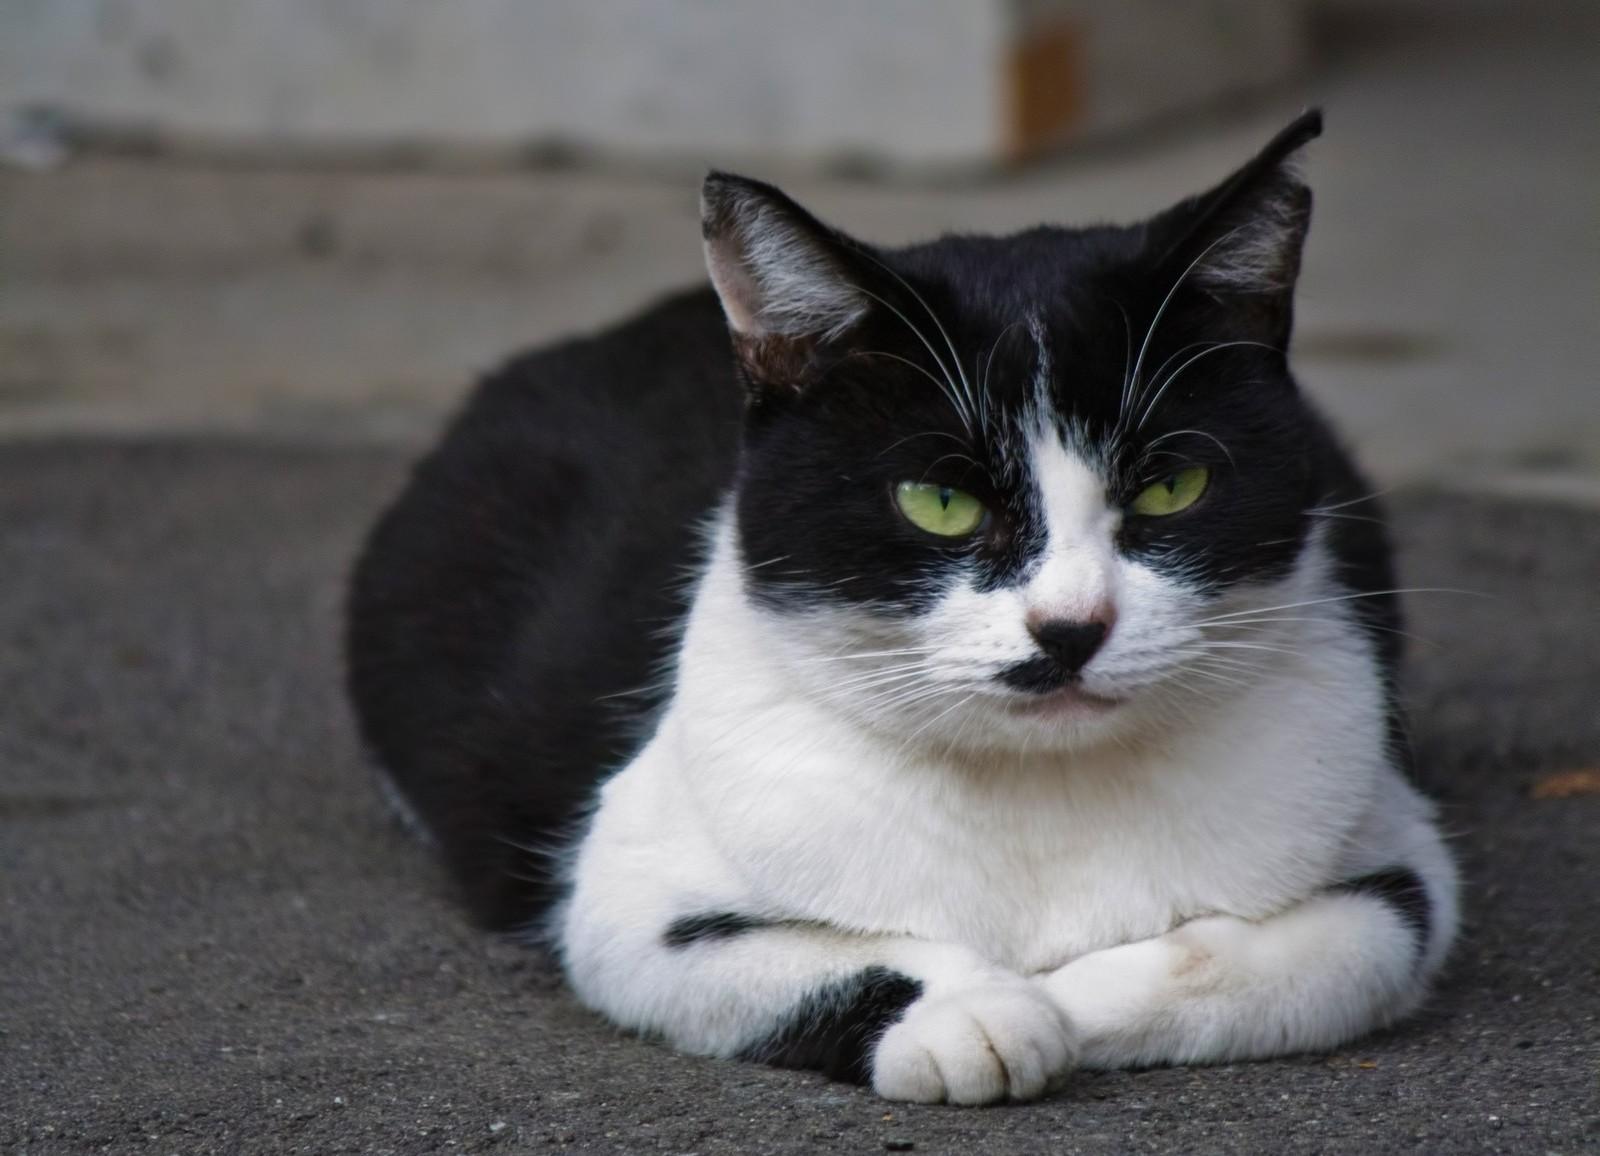 ▲貓咪,賓士貓。(圖/取自免費圖庫Pakutaso)